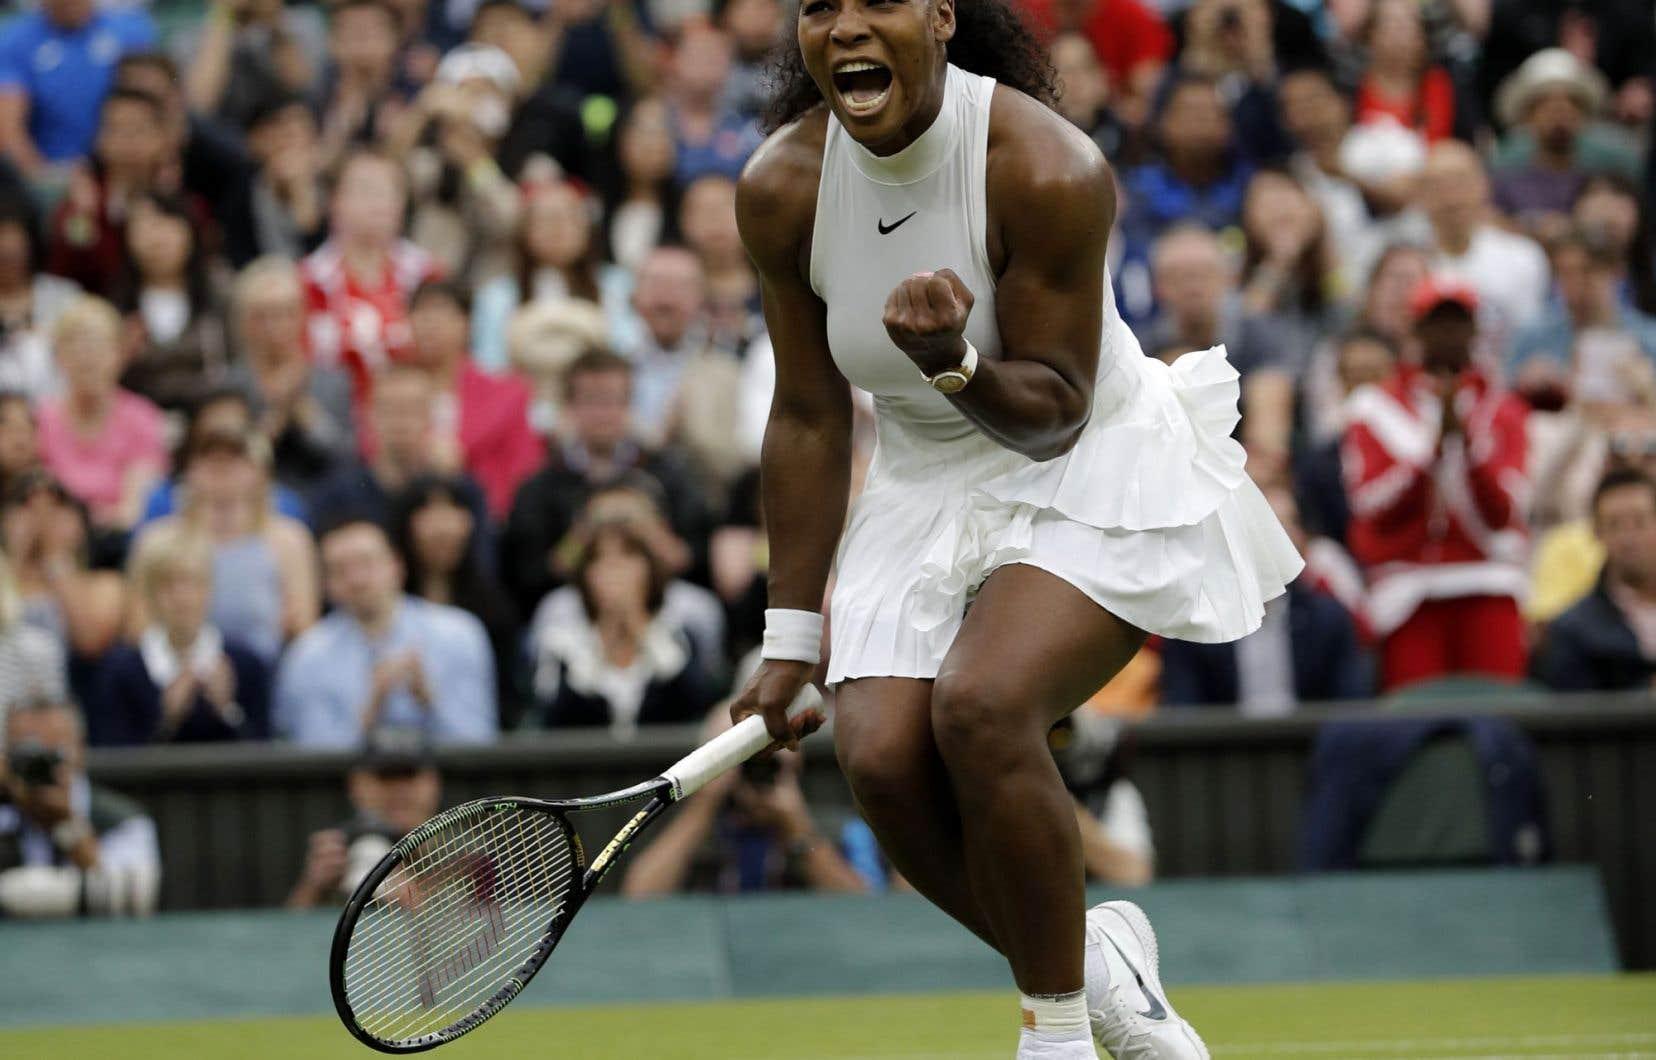 Serena Williams a puisé dans sa vaste expérience des grands rendez-vous — et misé aussi sur son puissant service — pour venir à bout de sa compatriote américaine Christina McHale.